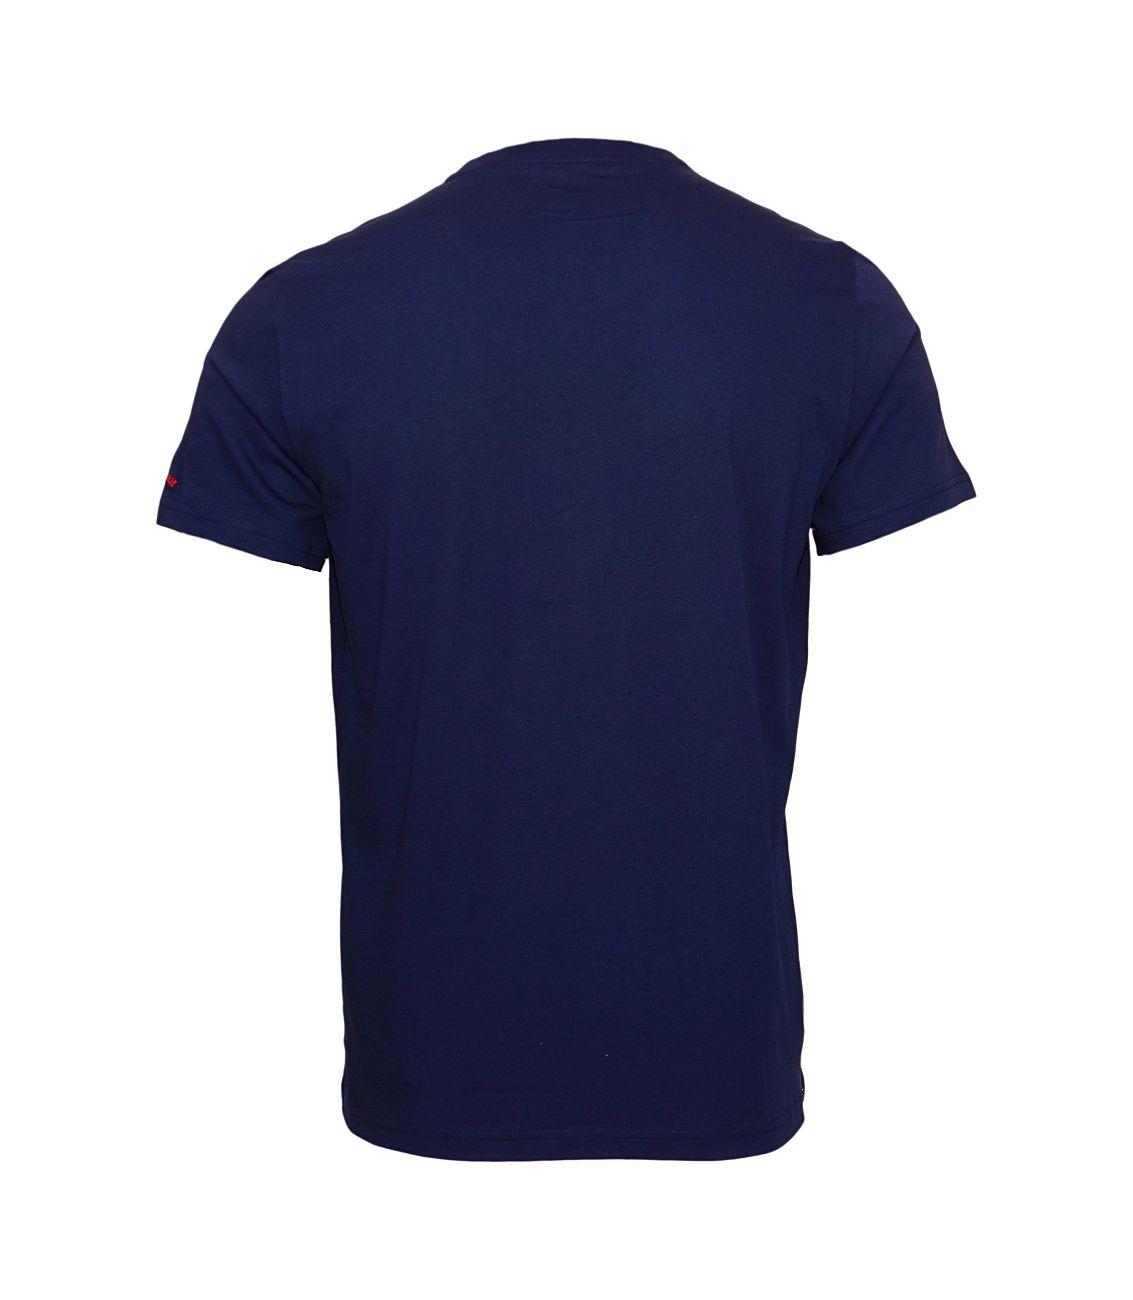 Ralph Lauren T-Shirt Rundhals 71468781 0004 Navy S18-RLS1